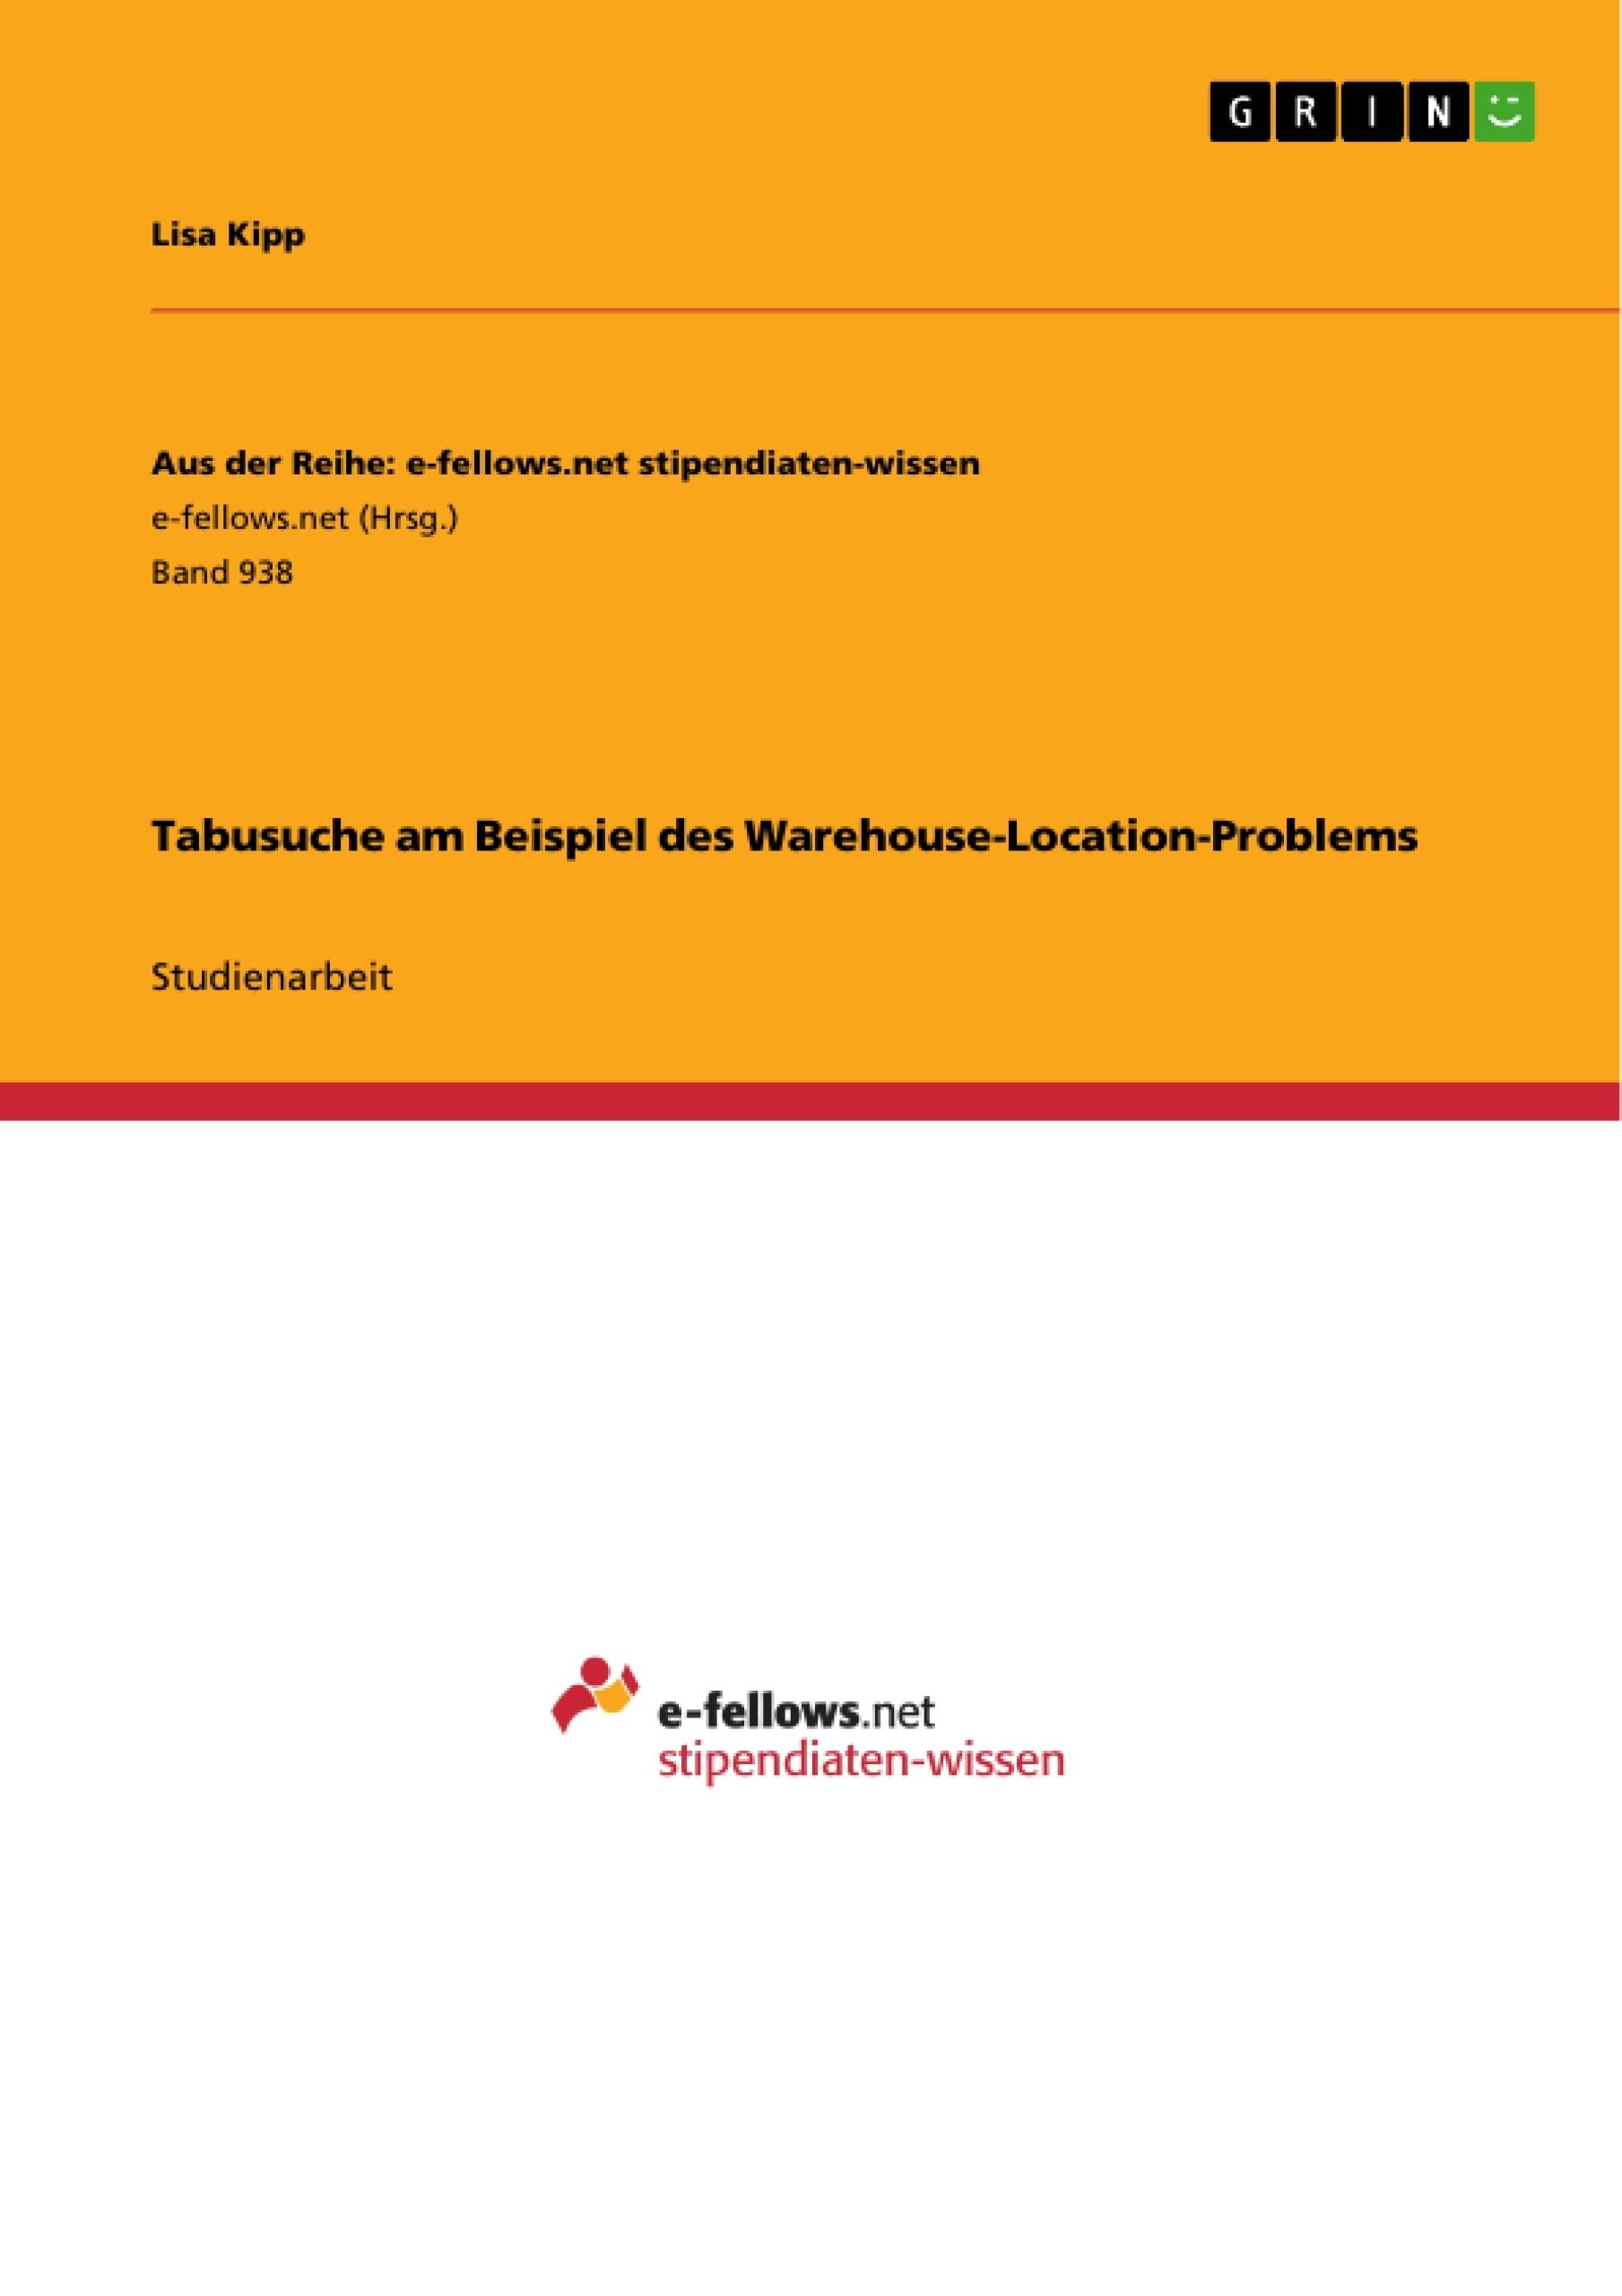 Titel: Tabusuche am Beispiel des Warehouse-Location-Problems